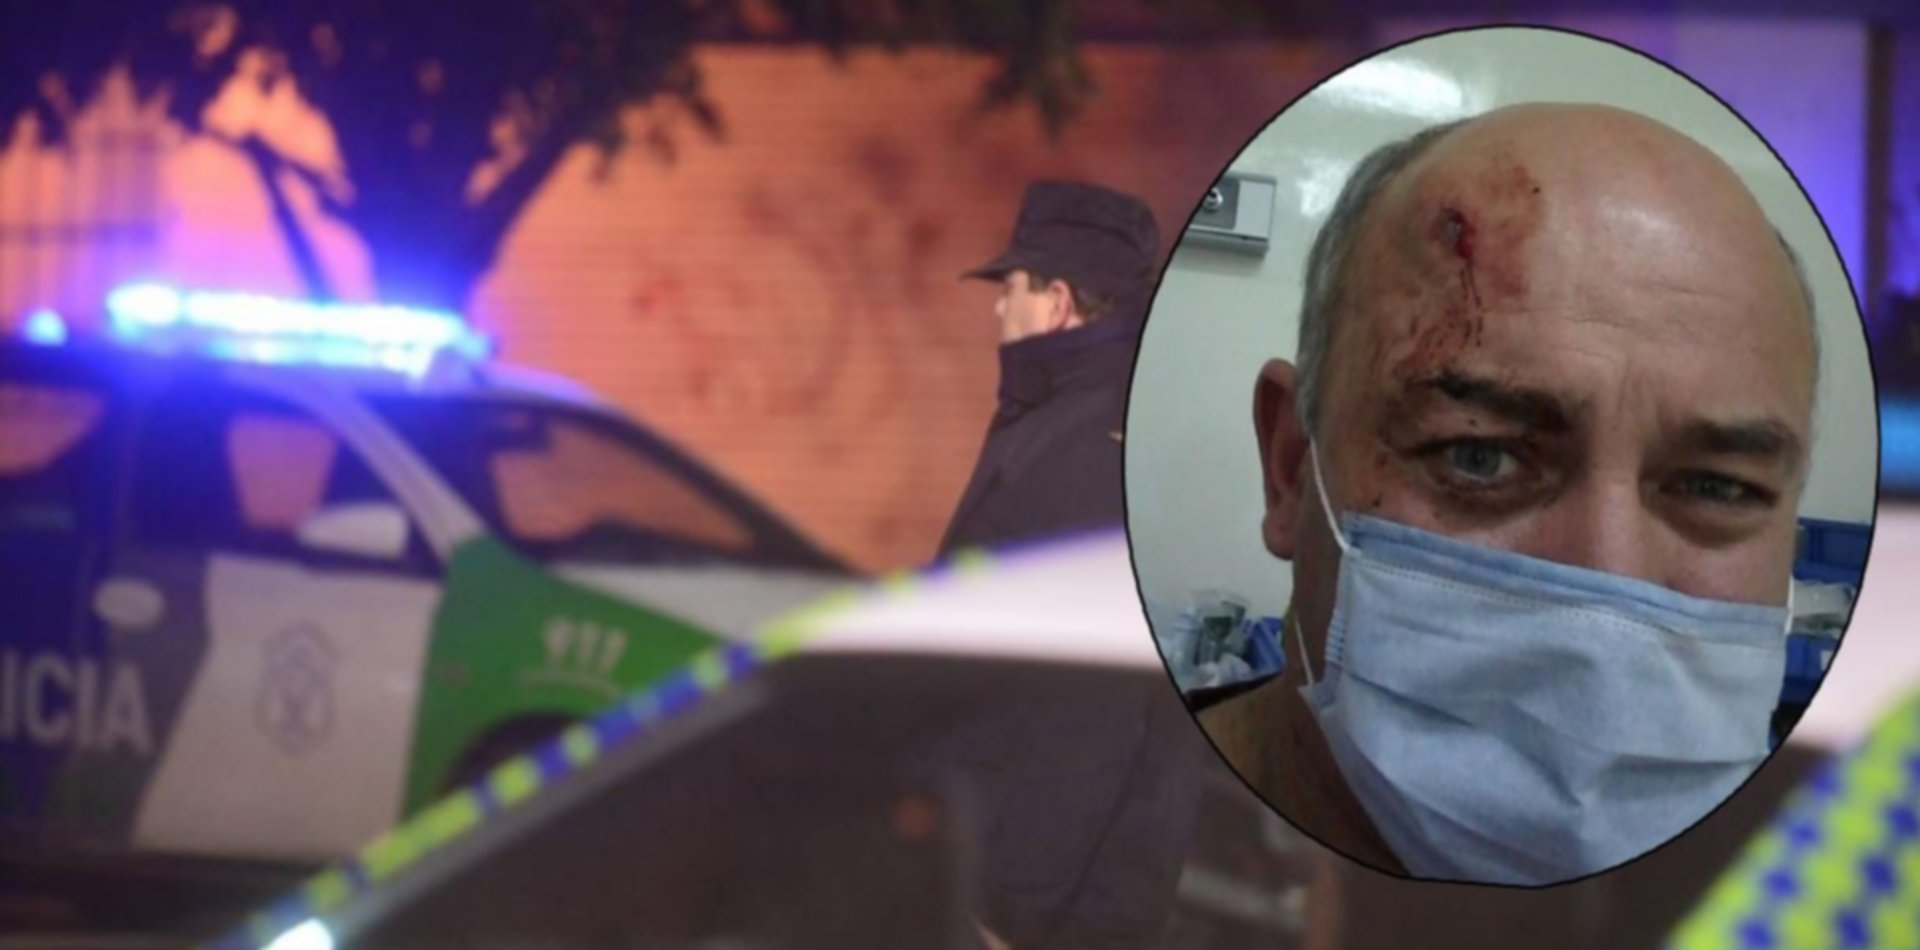 Tolosa: balearon a un hombre en la cabeza y se salvó de milagro